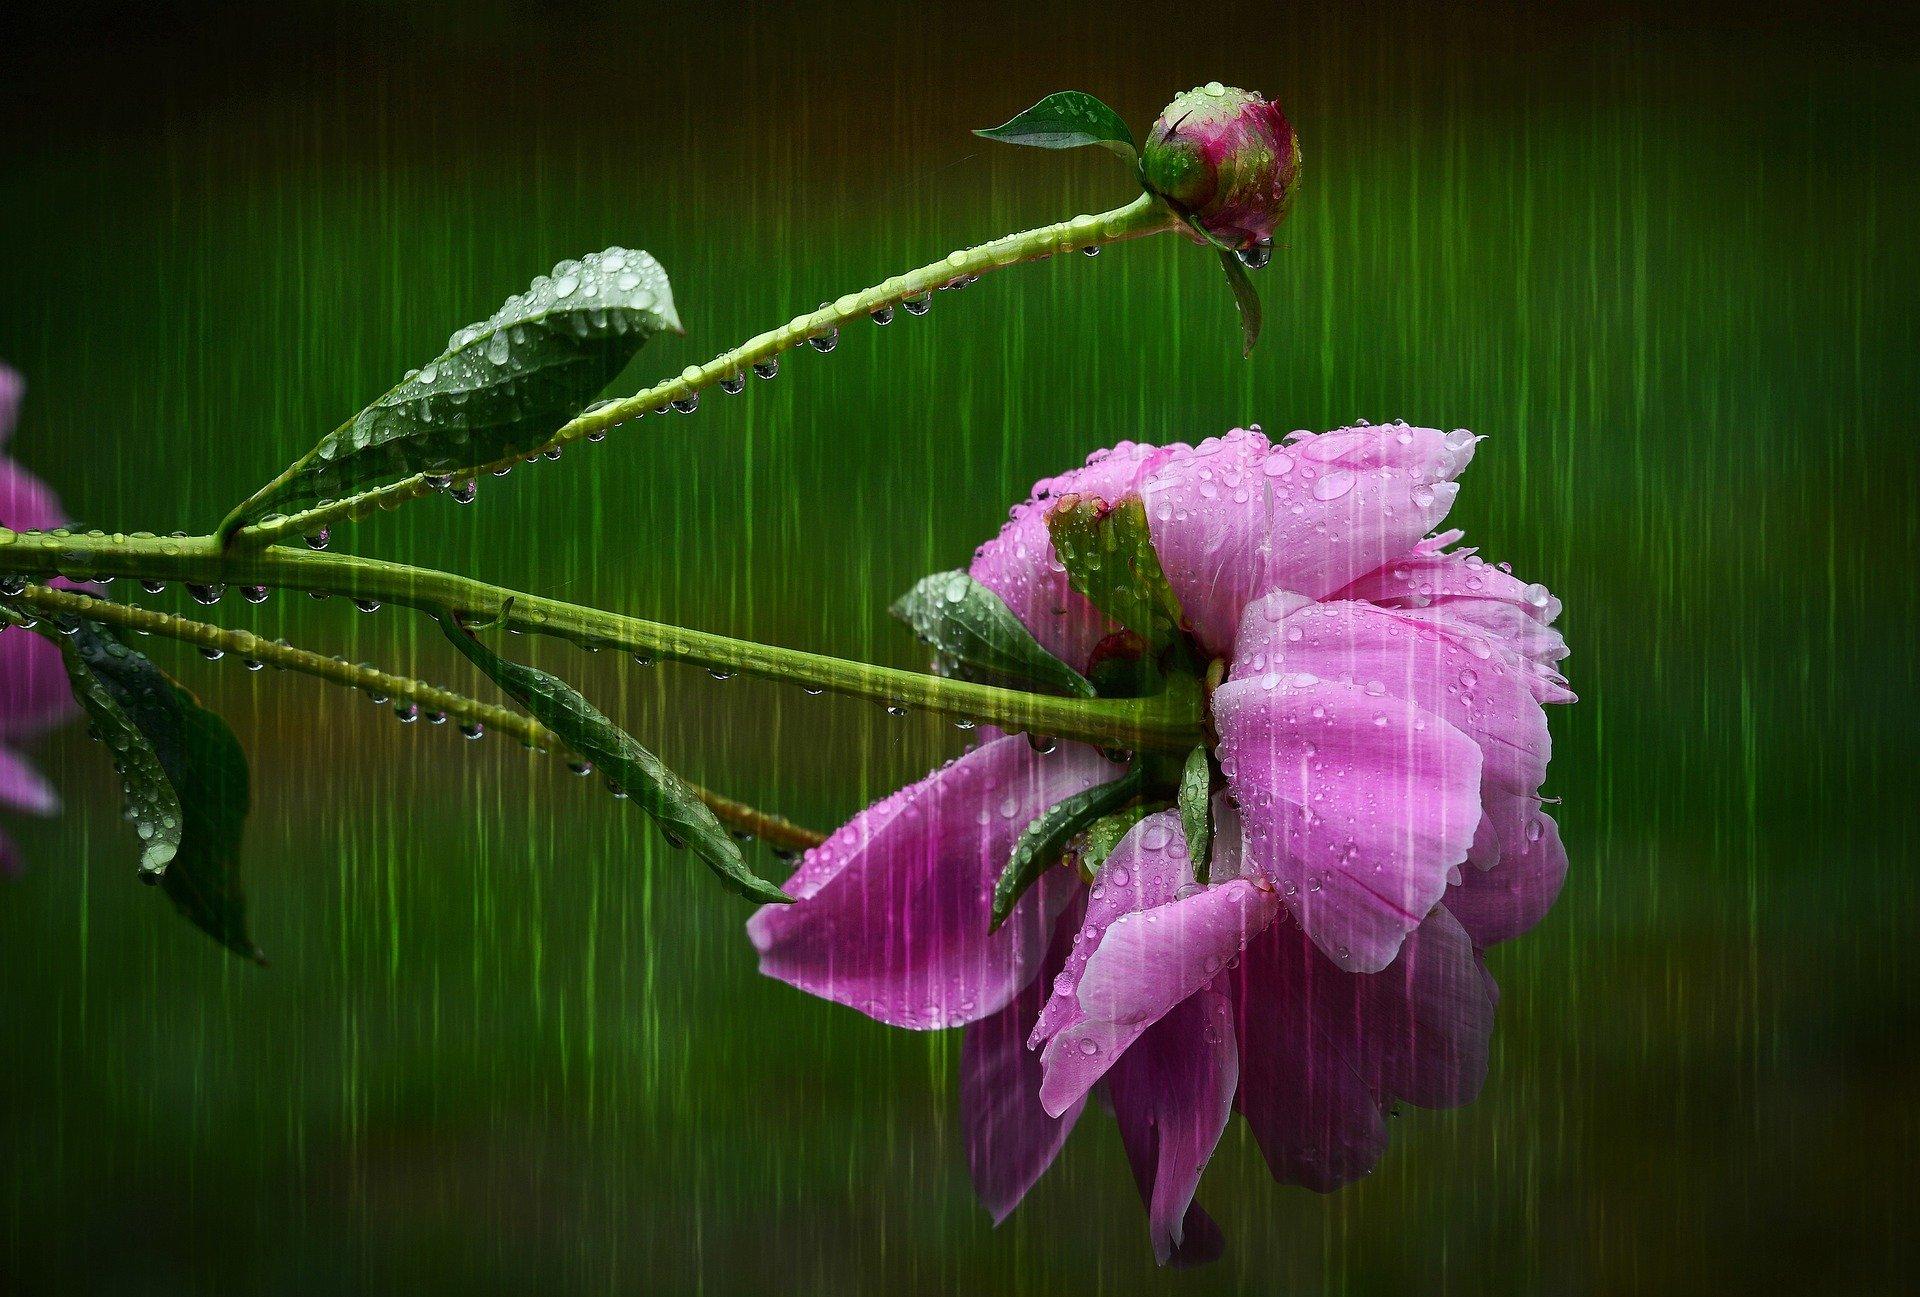 fiore chino sotto la pioggia forte